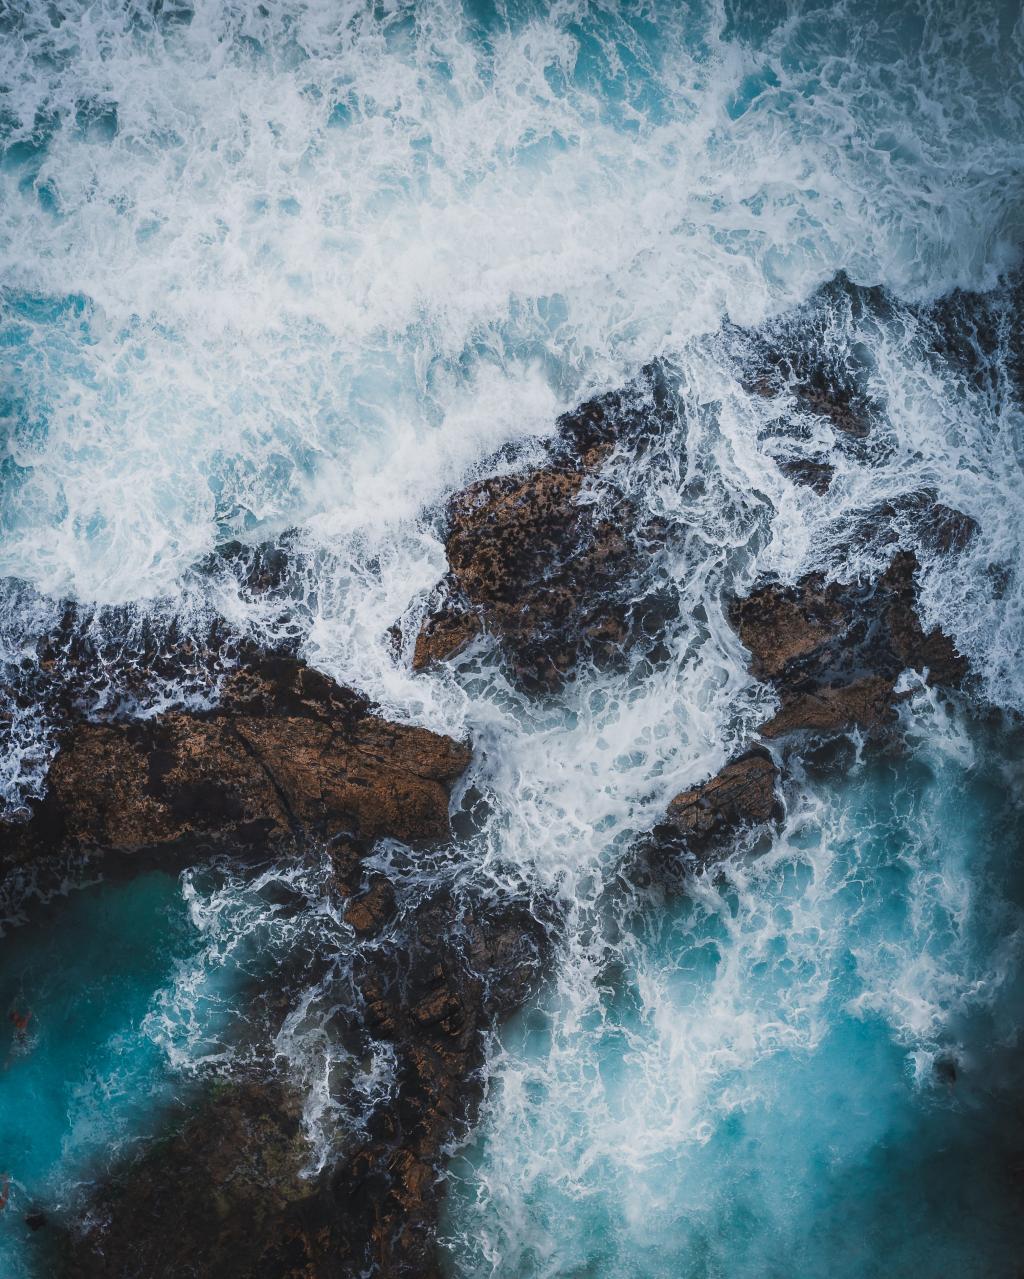 海水拍打岸边的景色